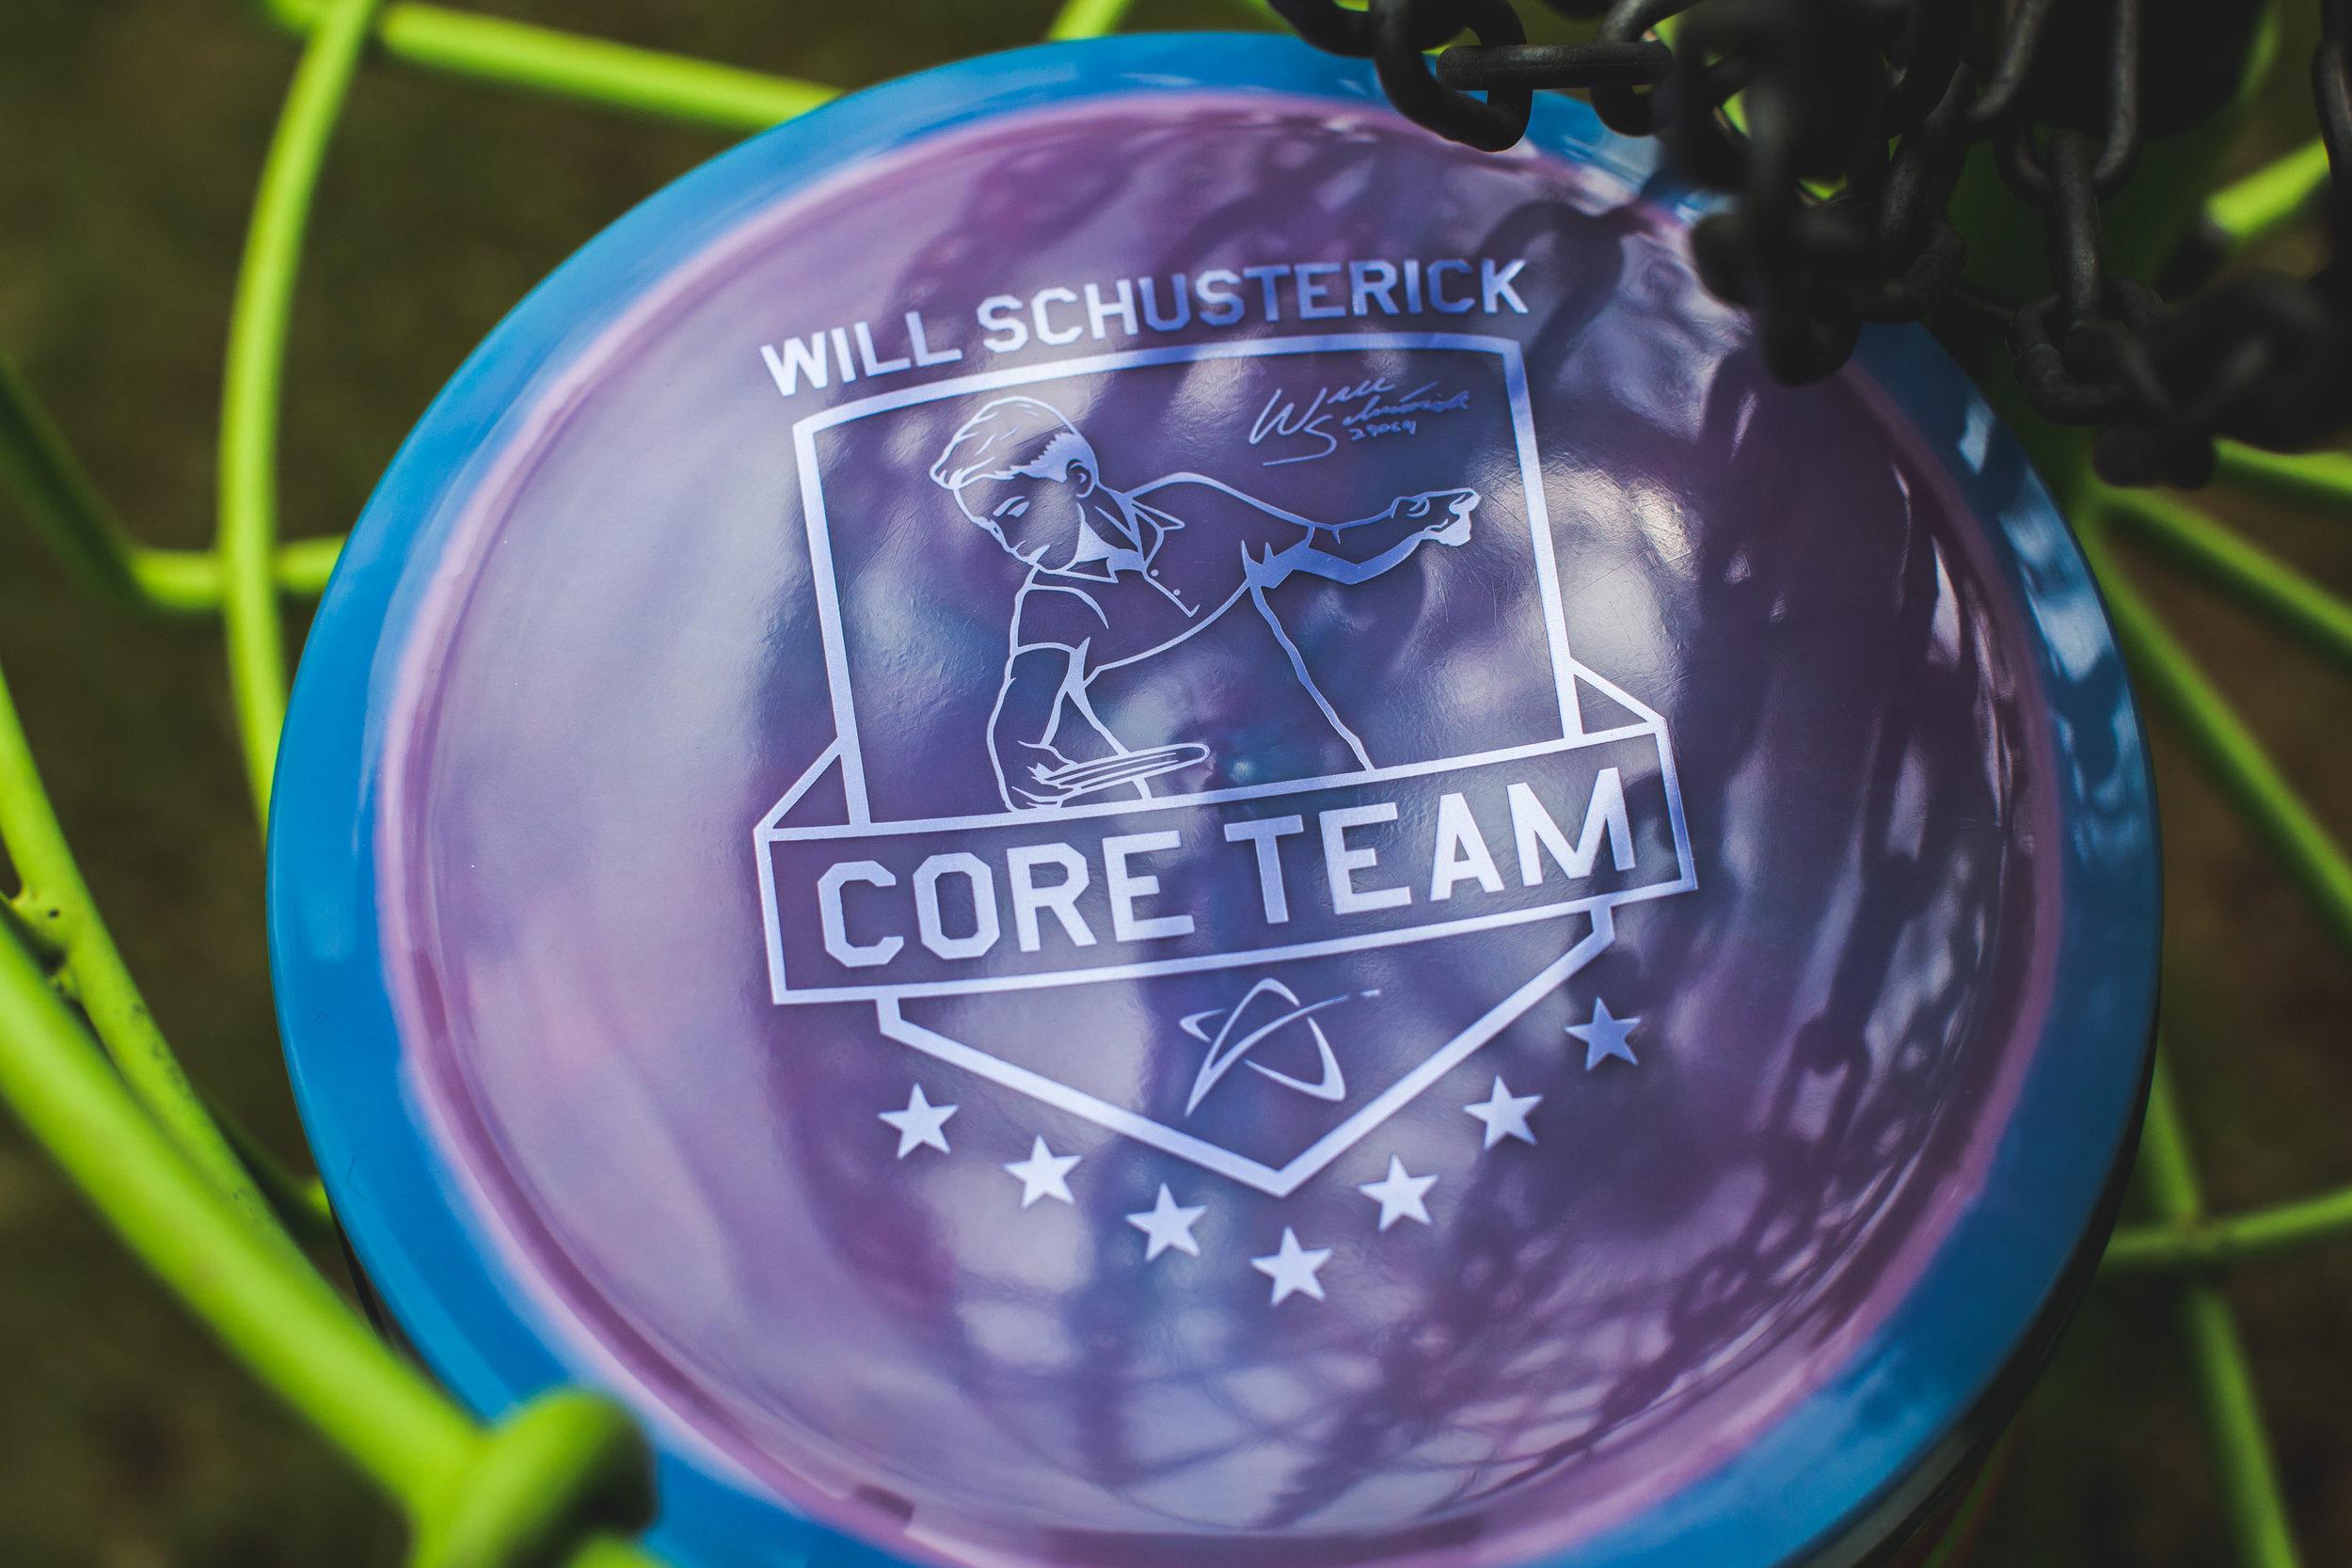 Will_Schusterick_Core_Team_H3_V2_750_Social_OPT_Edited-5.jpg